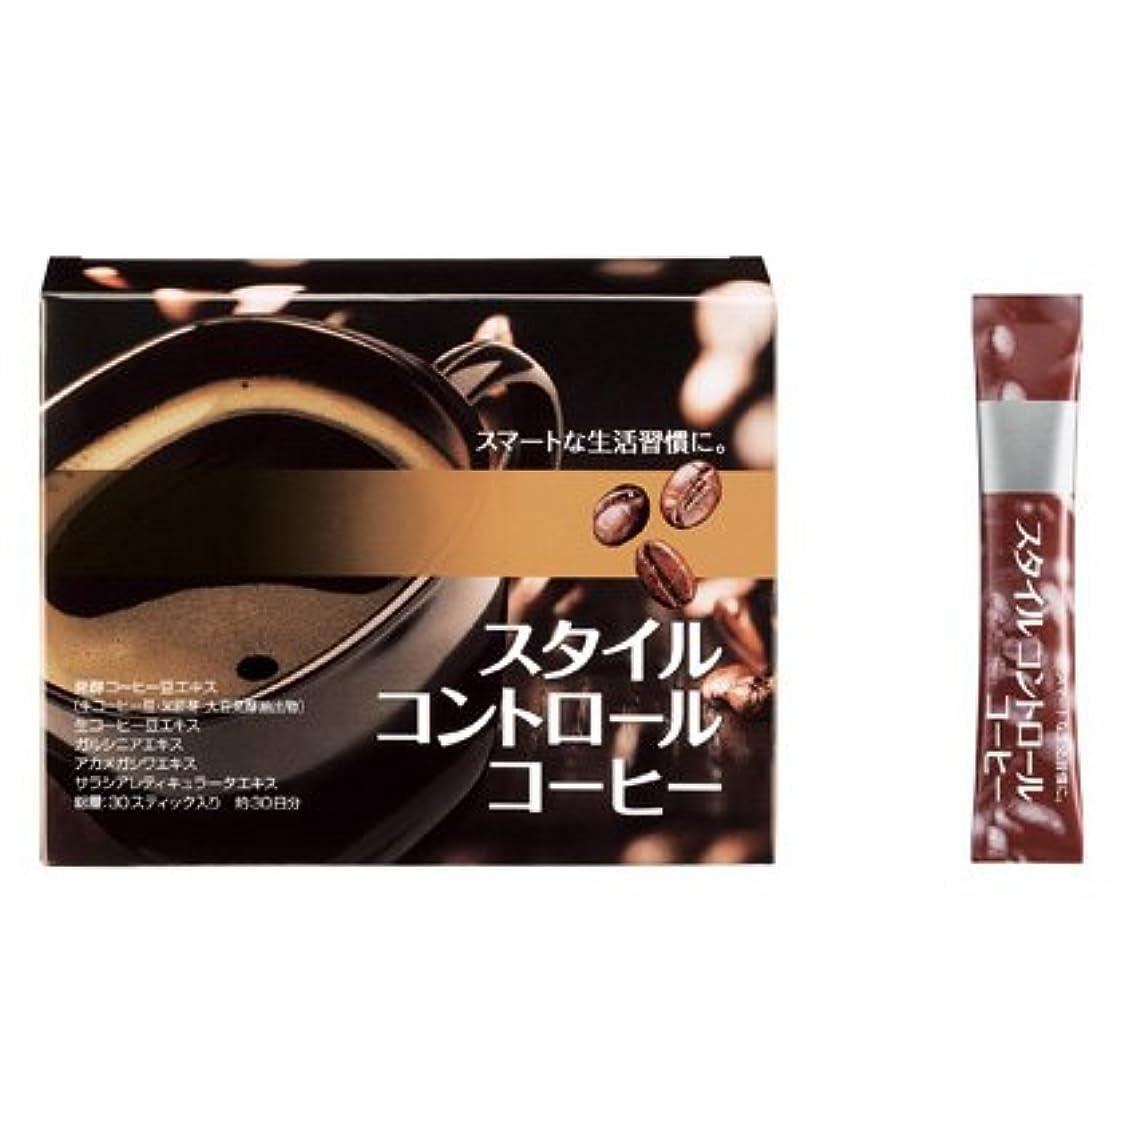 称賛発見トレーダーエイボン ライフ ダイエットコーヒー (2.9g×30スティック)